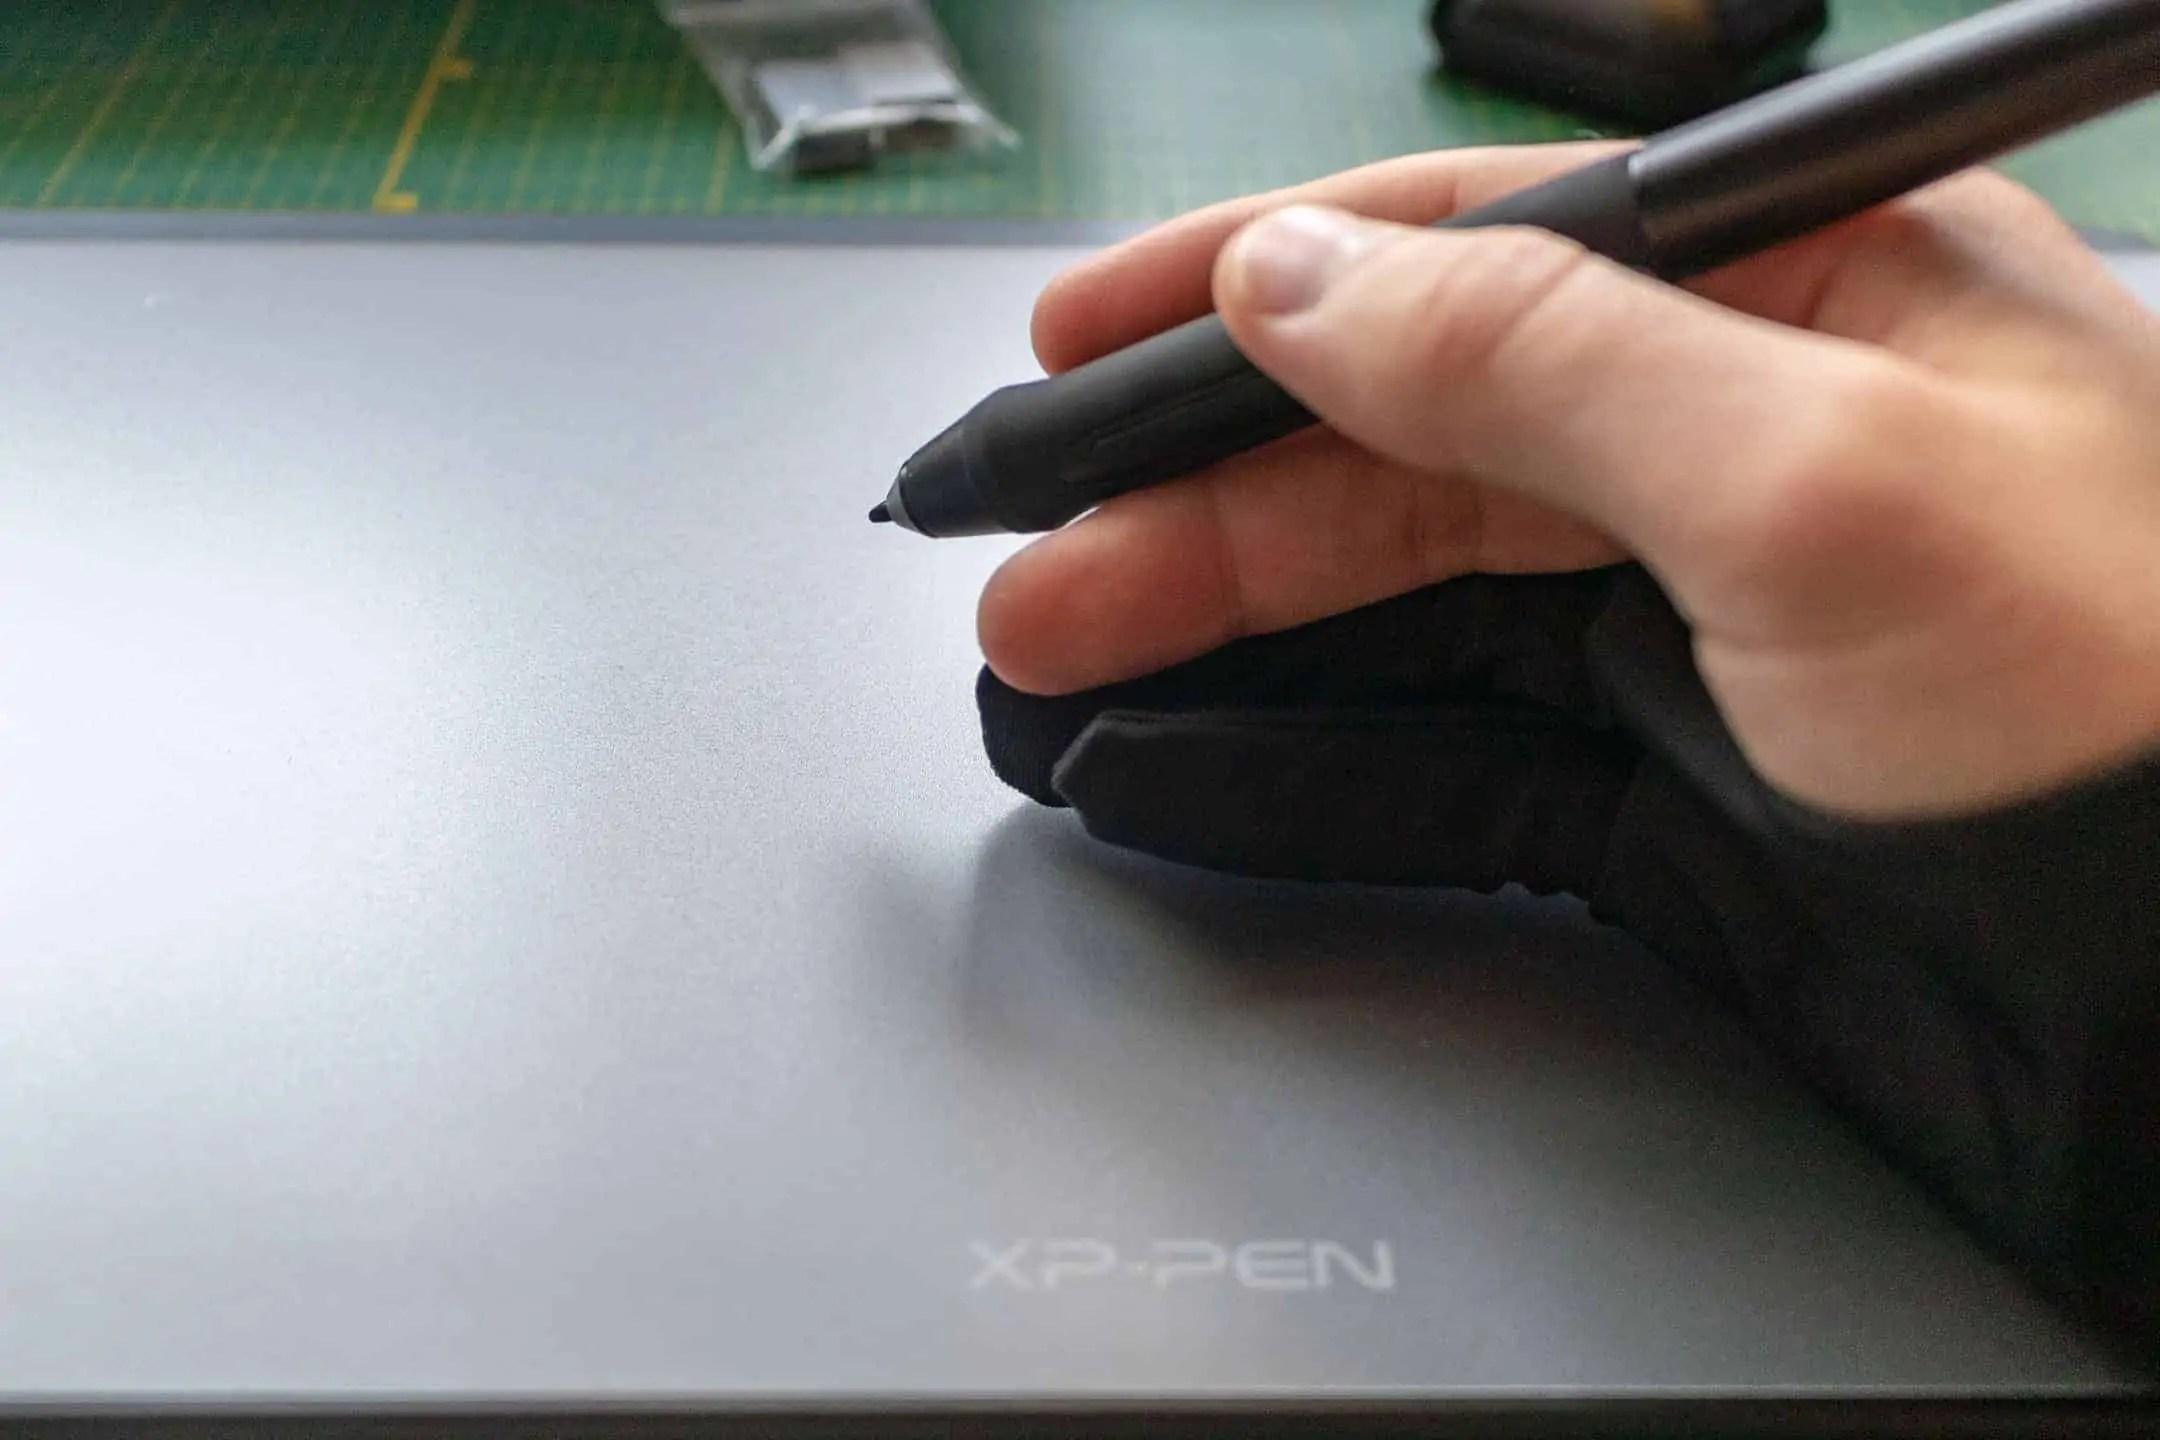 Obrobka zdjec czyli praca na tablecie graficznym z rekawiczka xp pen deco 01 v2 - Praca z tabletem graficznym XP PEN Deco 01 v2